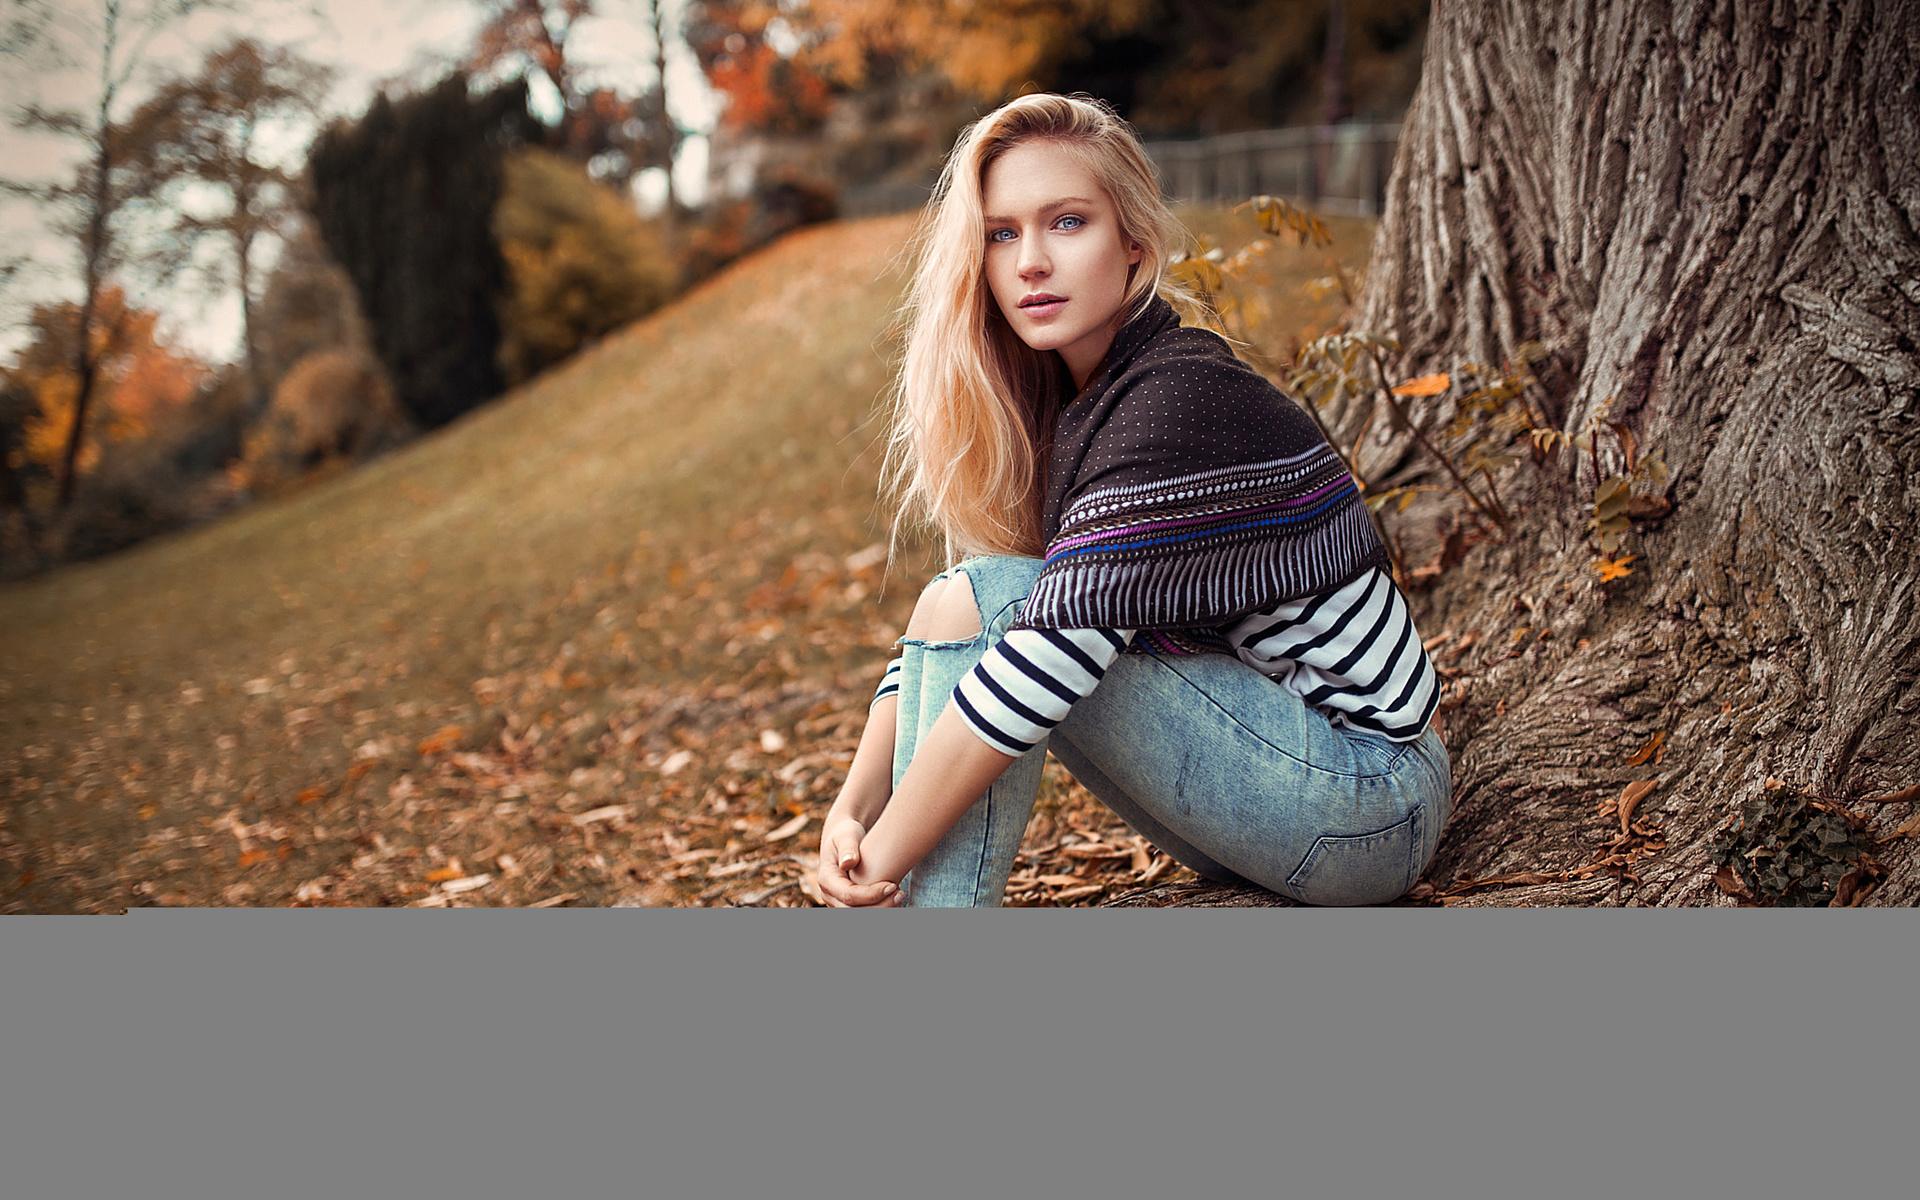 девушка, блондинка, photographer, lods franck, модель, красивая, волосы, взгляд